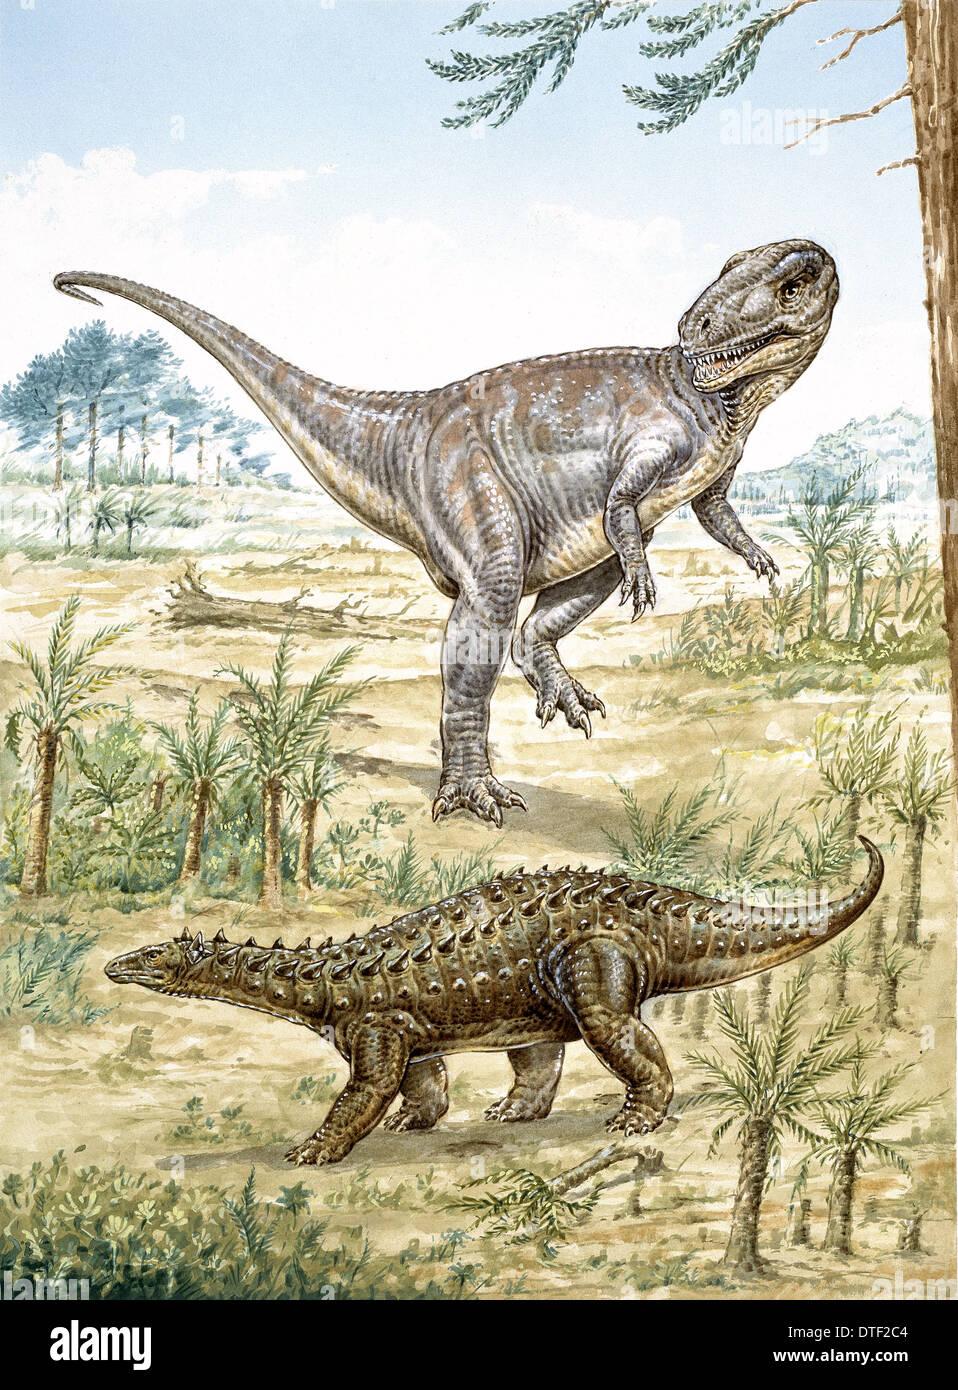 Dinosaurios del Jurásico Inferior descubierto en Inglaterra Imagen De Stock